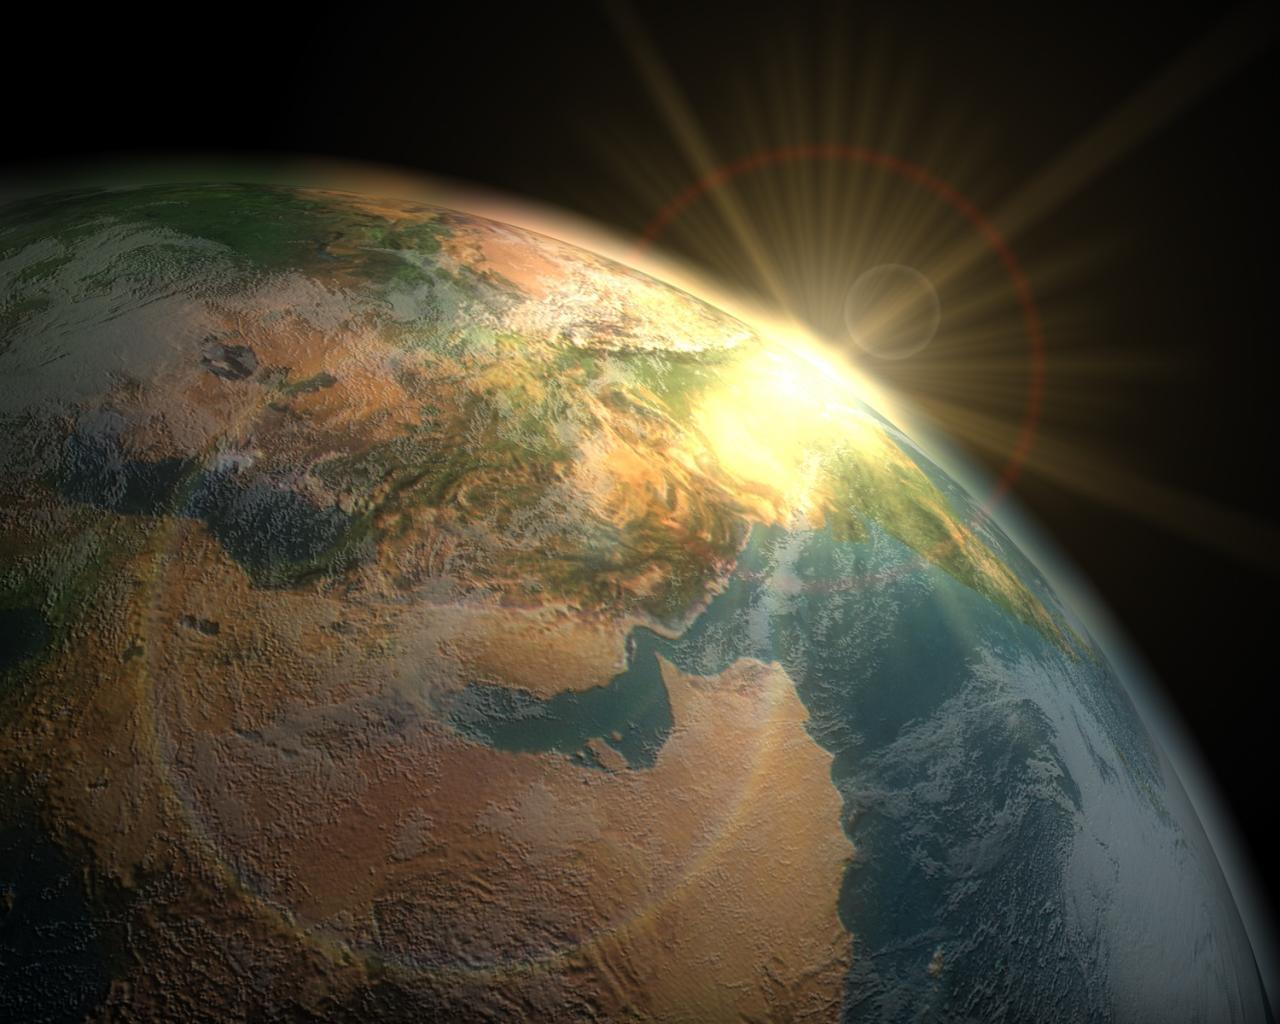 Космос космос планета земля солнце